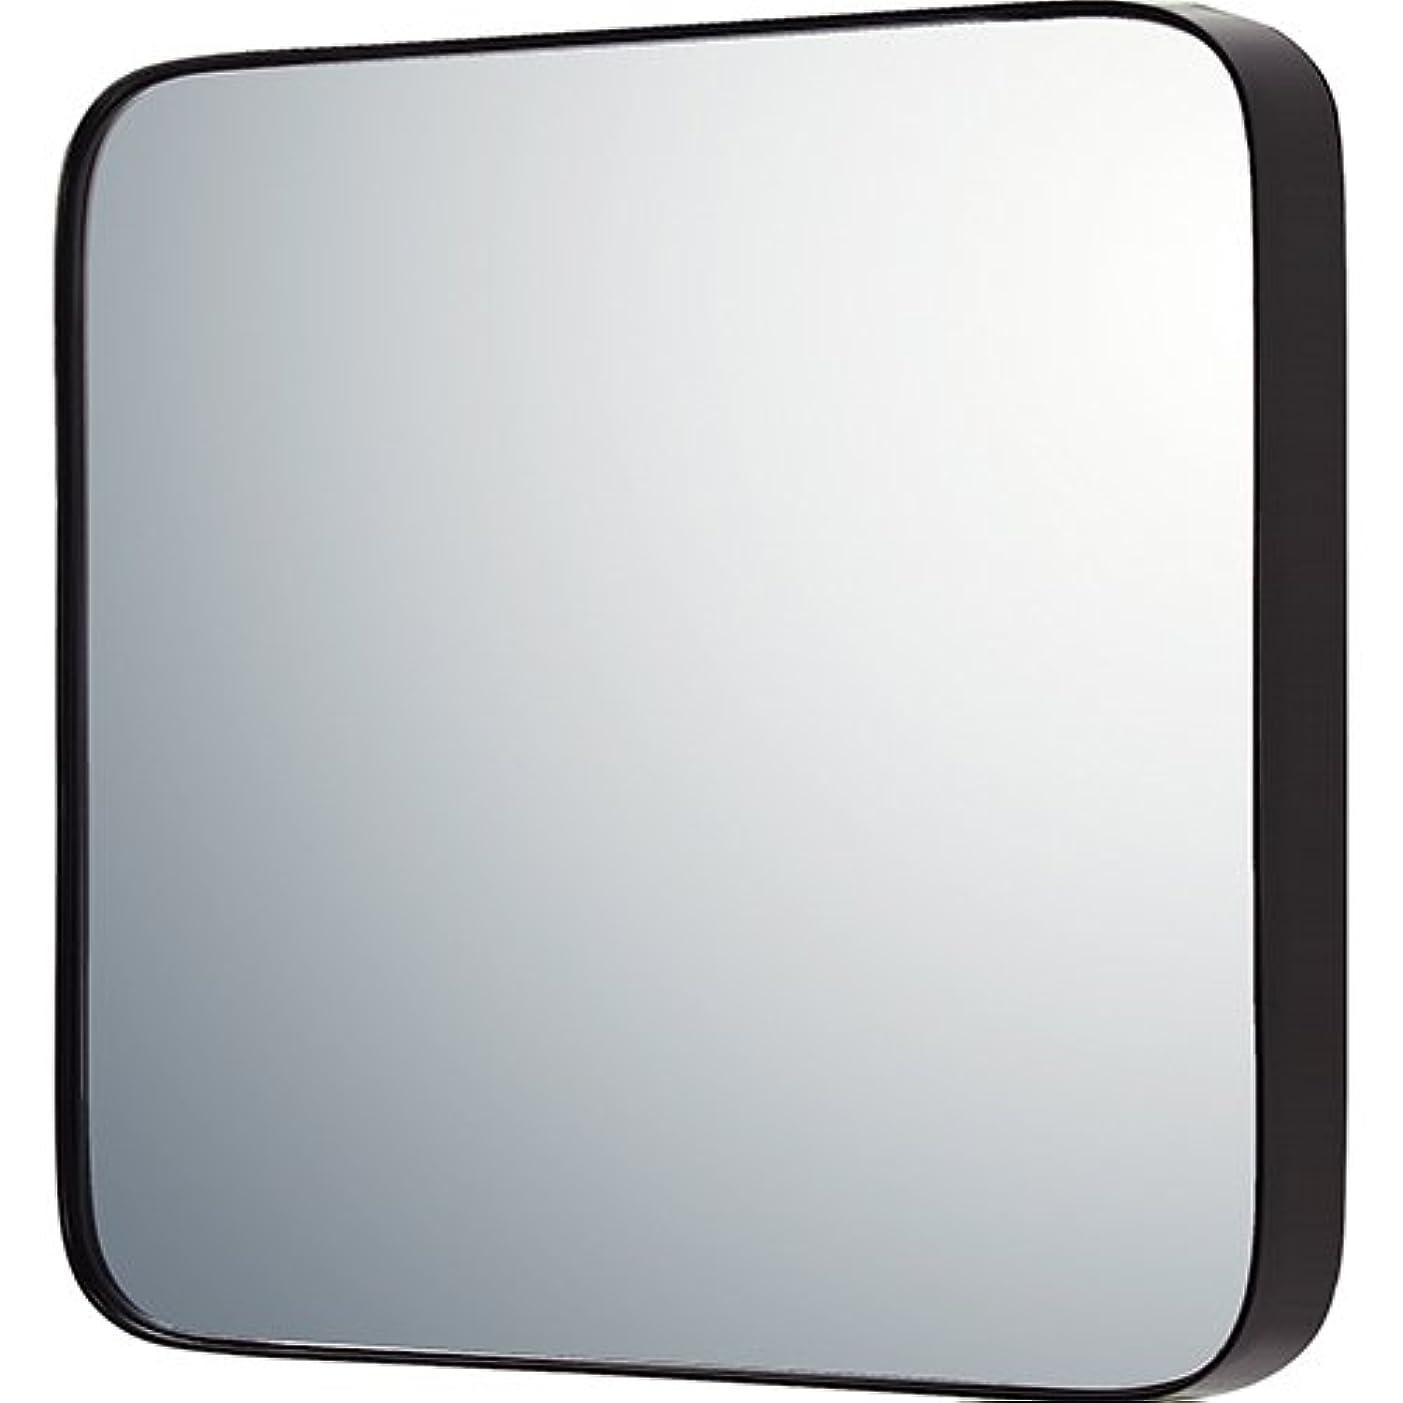 分散検索エンジンマーケティング進むユーパワー ミラー?鏡 マルチ 重さ:約5.1kg ラウンドコーナー (L) グロスブラック SM-09042